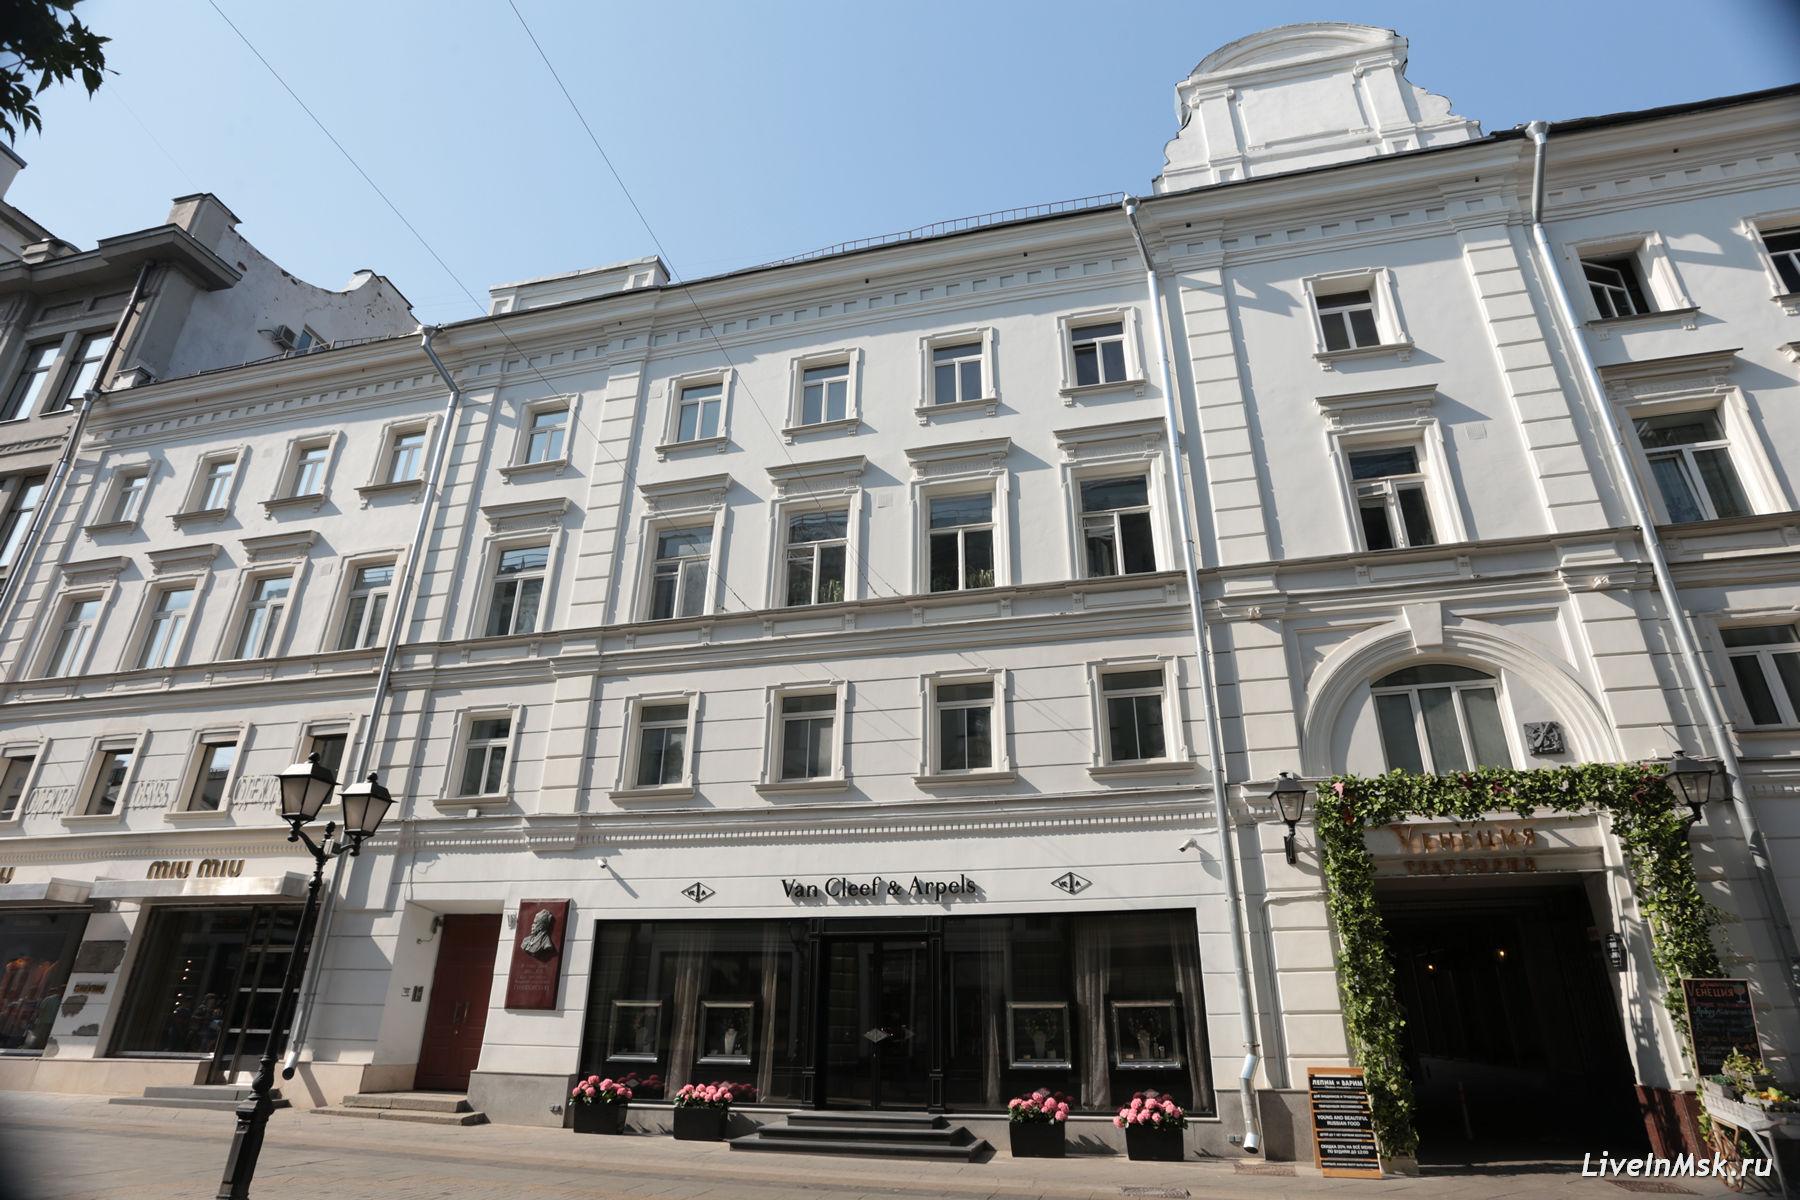 Дом, где жил В.А. Гиляровский, фото 2017 года